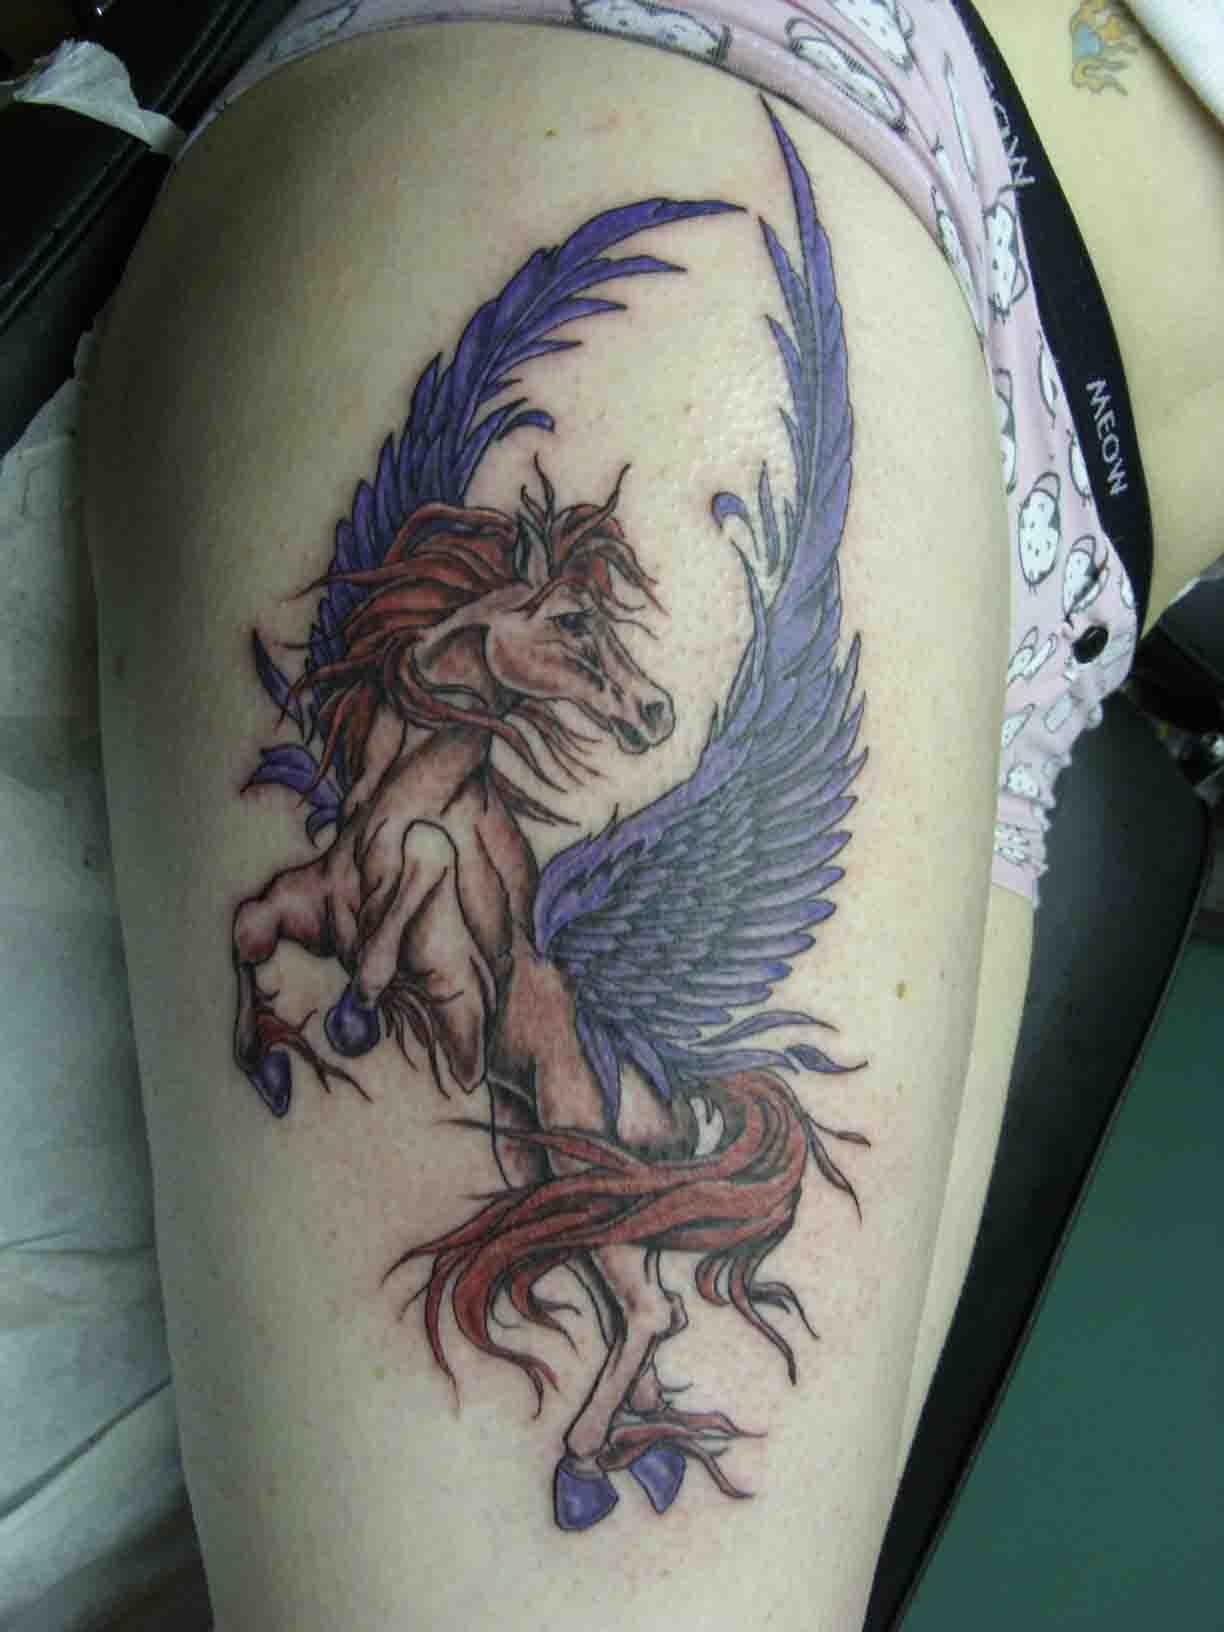 Pegasus Tattoo: Pegasus Tattoo Images & Designs